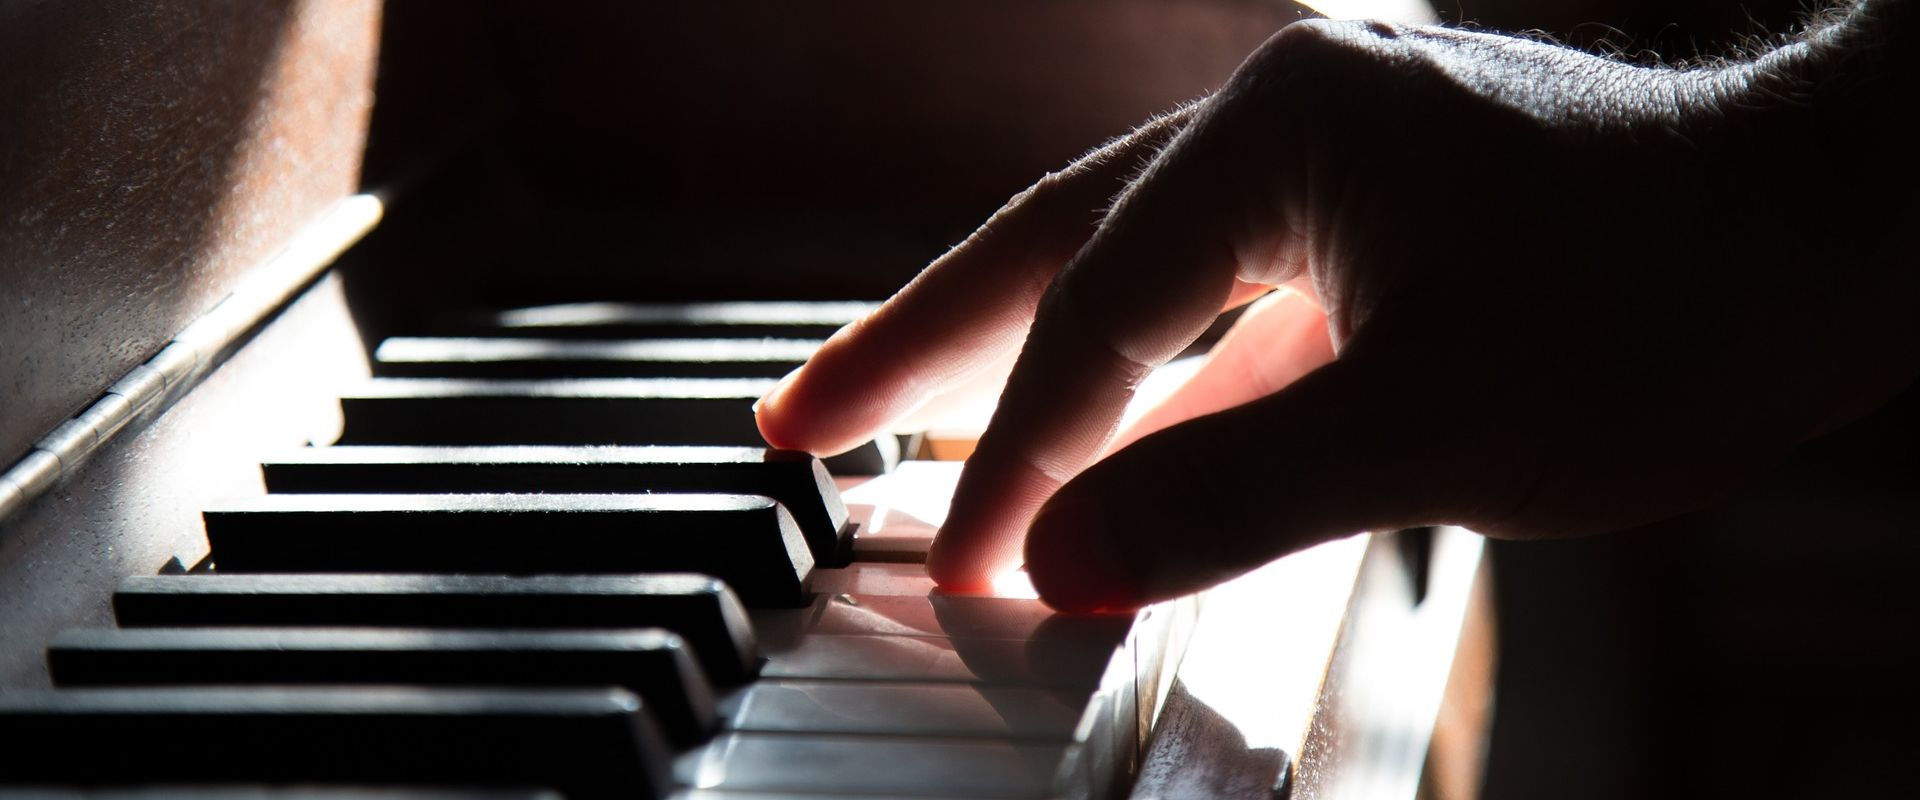 Titelbild des Blogartikels Klavier lernen: 5 Tipps für Kinder und Erwachsene